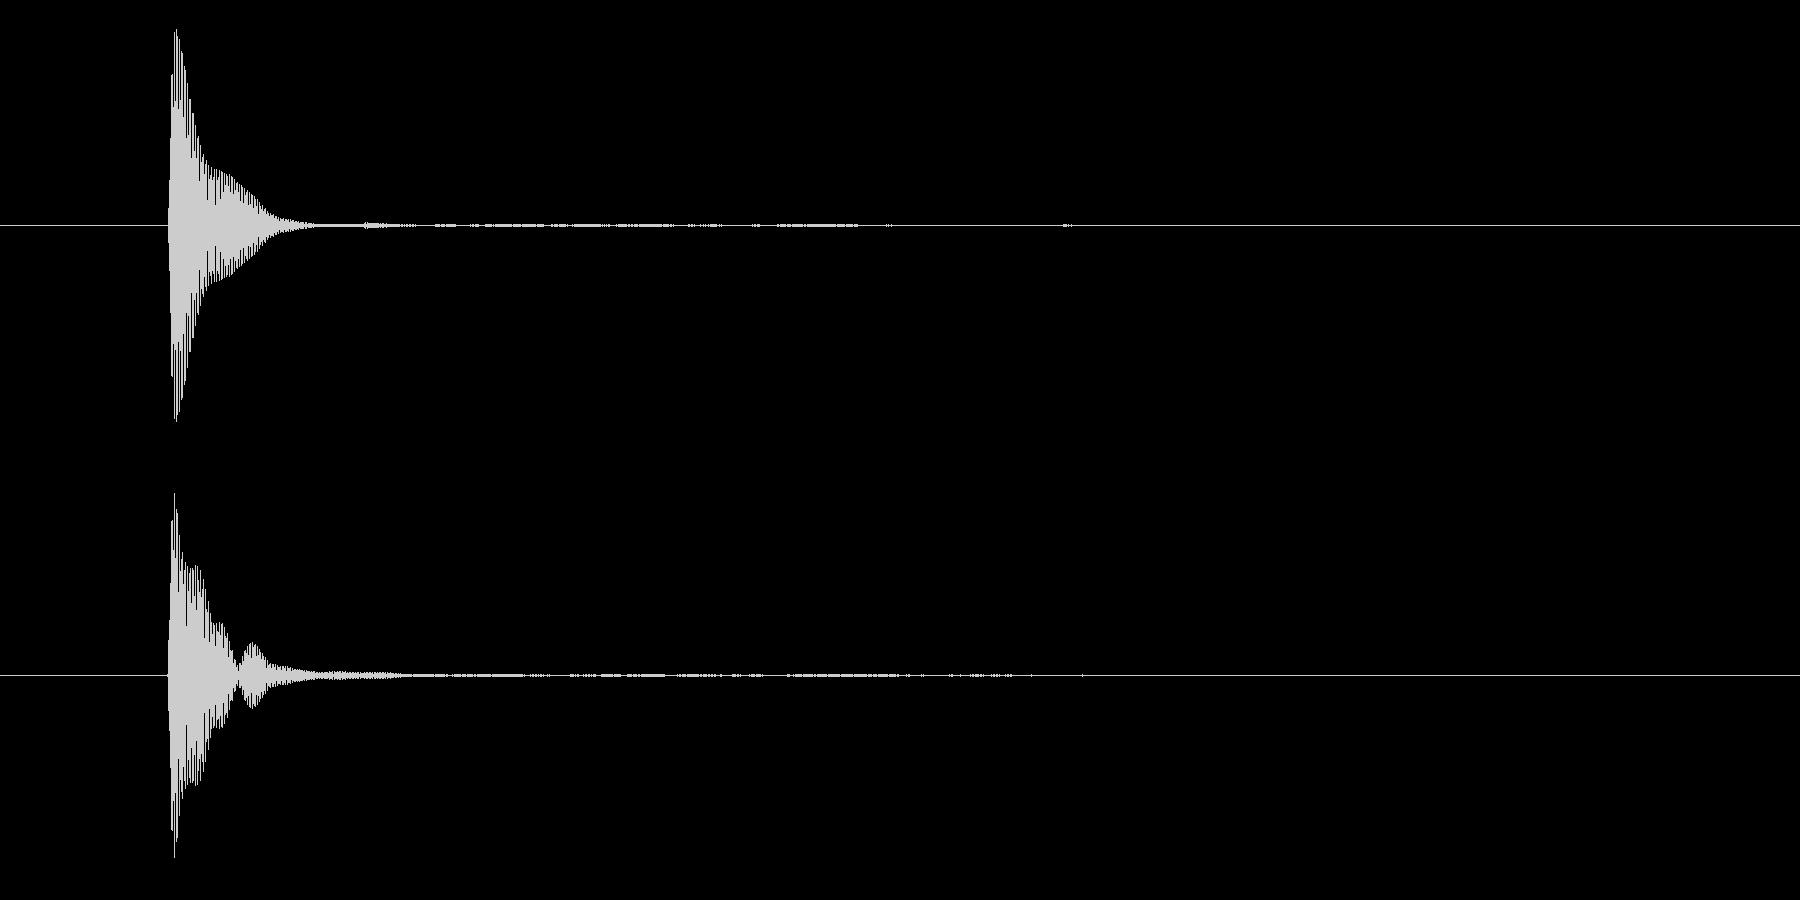 ポン(カーソル移動・決定・システム音)の未再生の波形